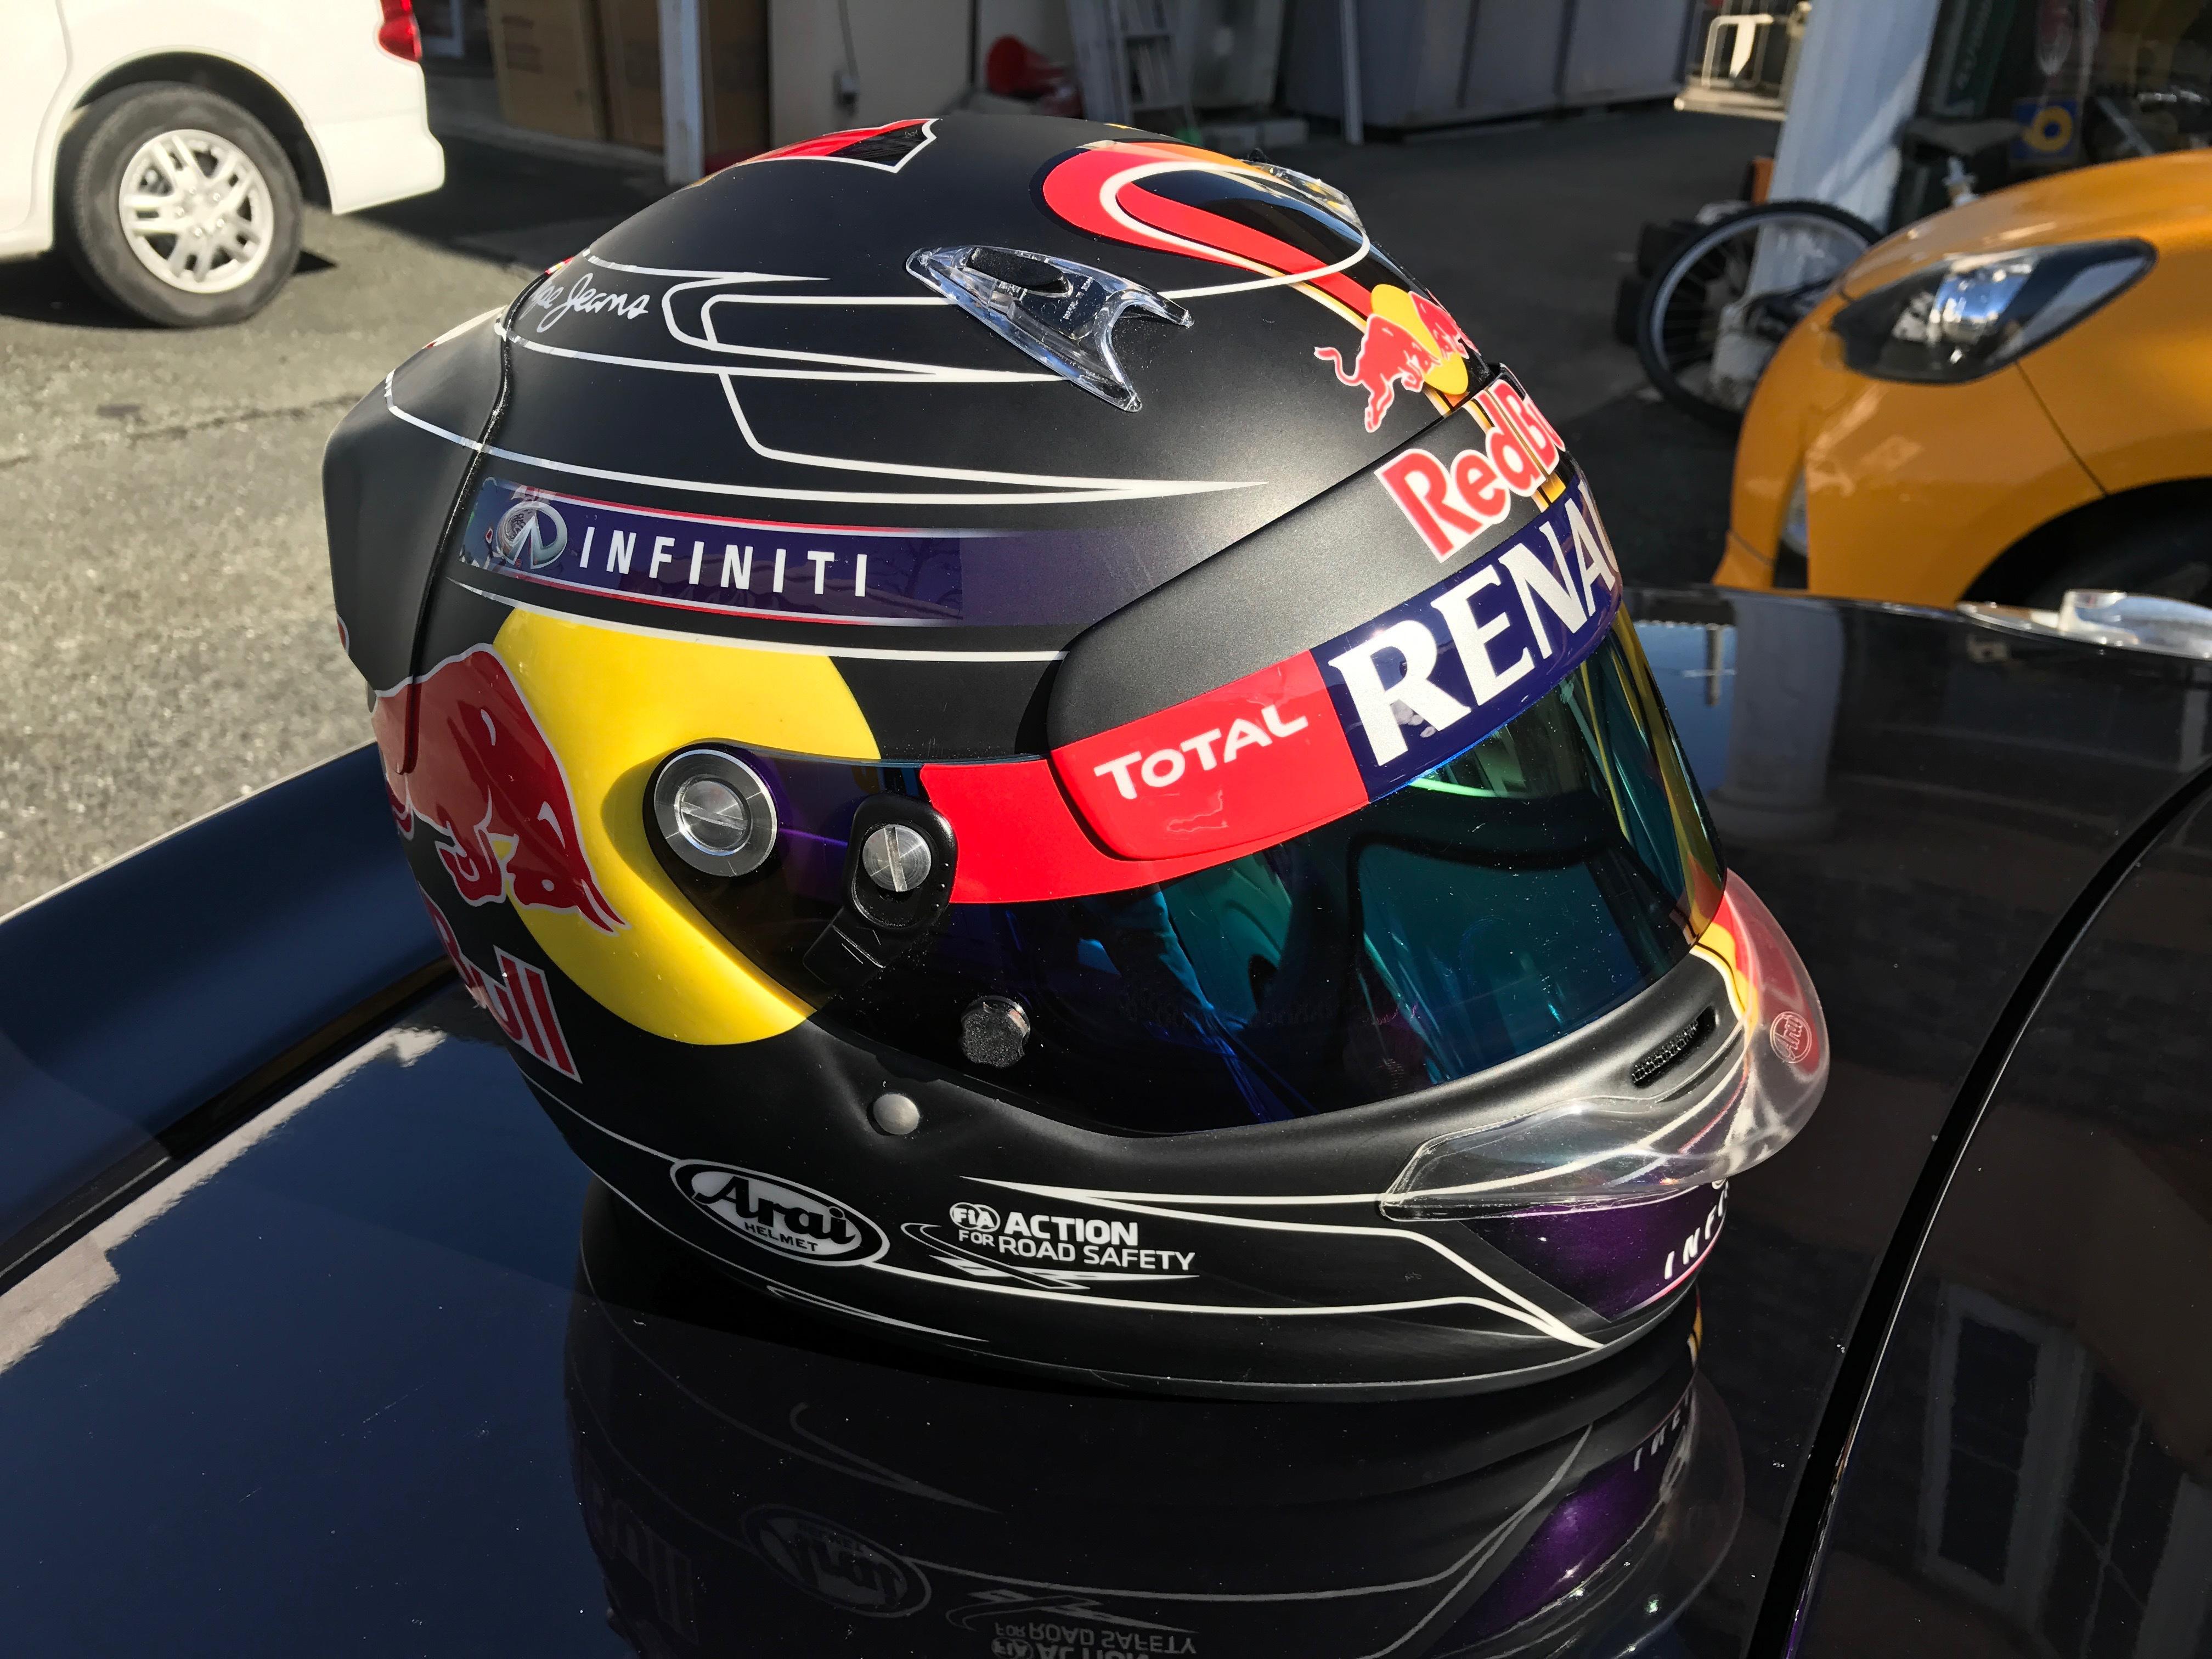 F1 Replica